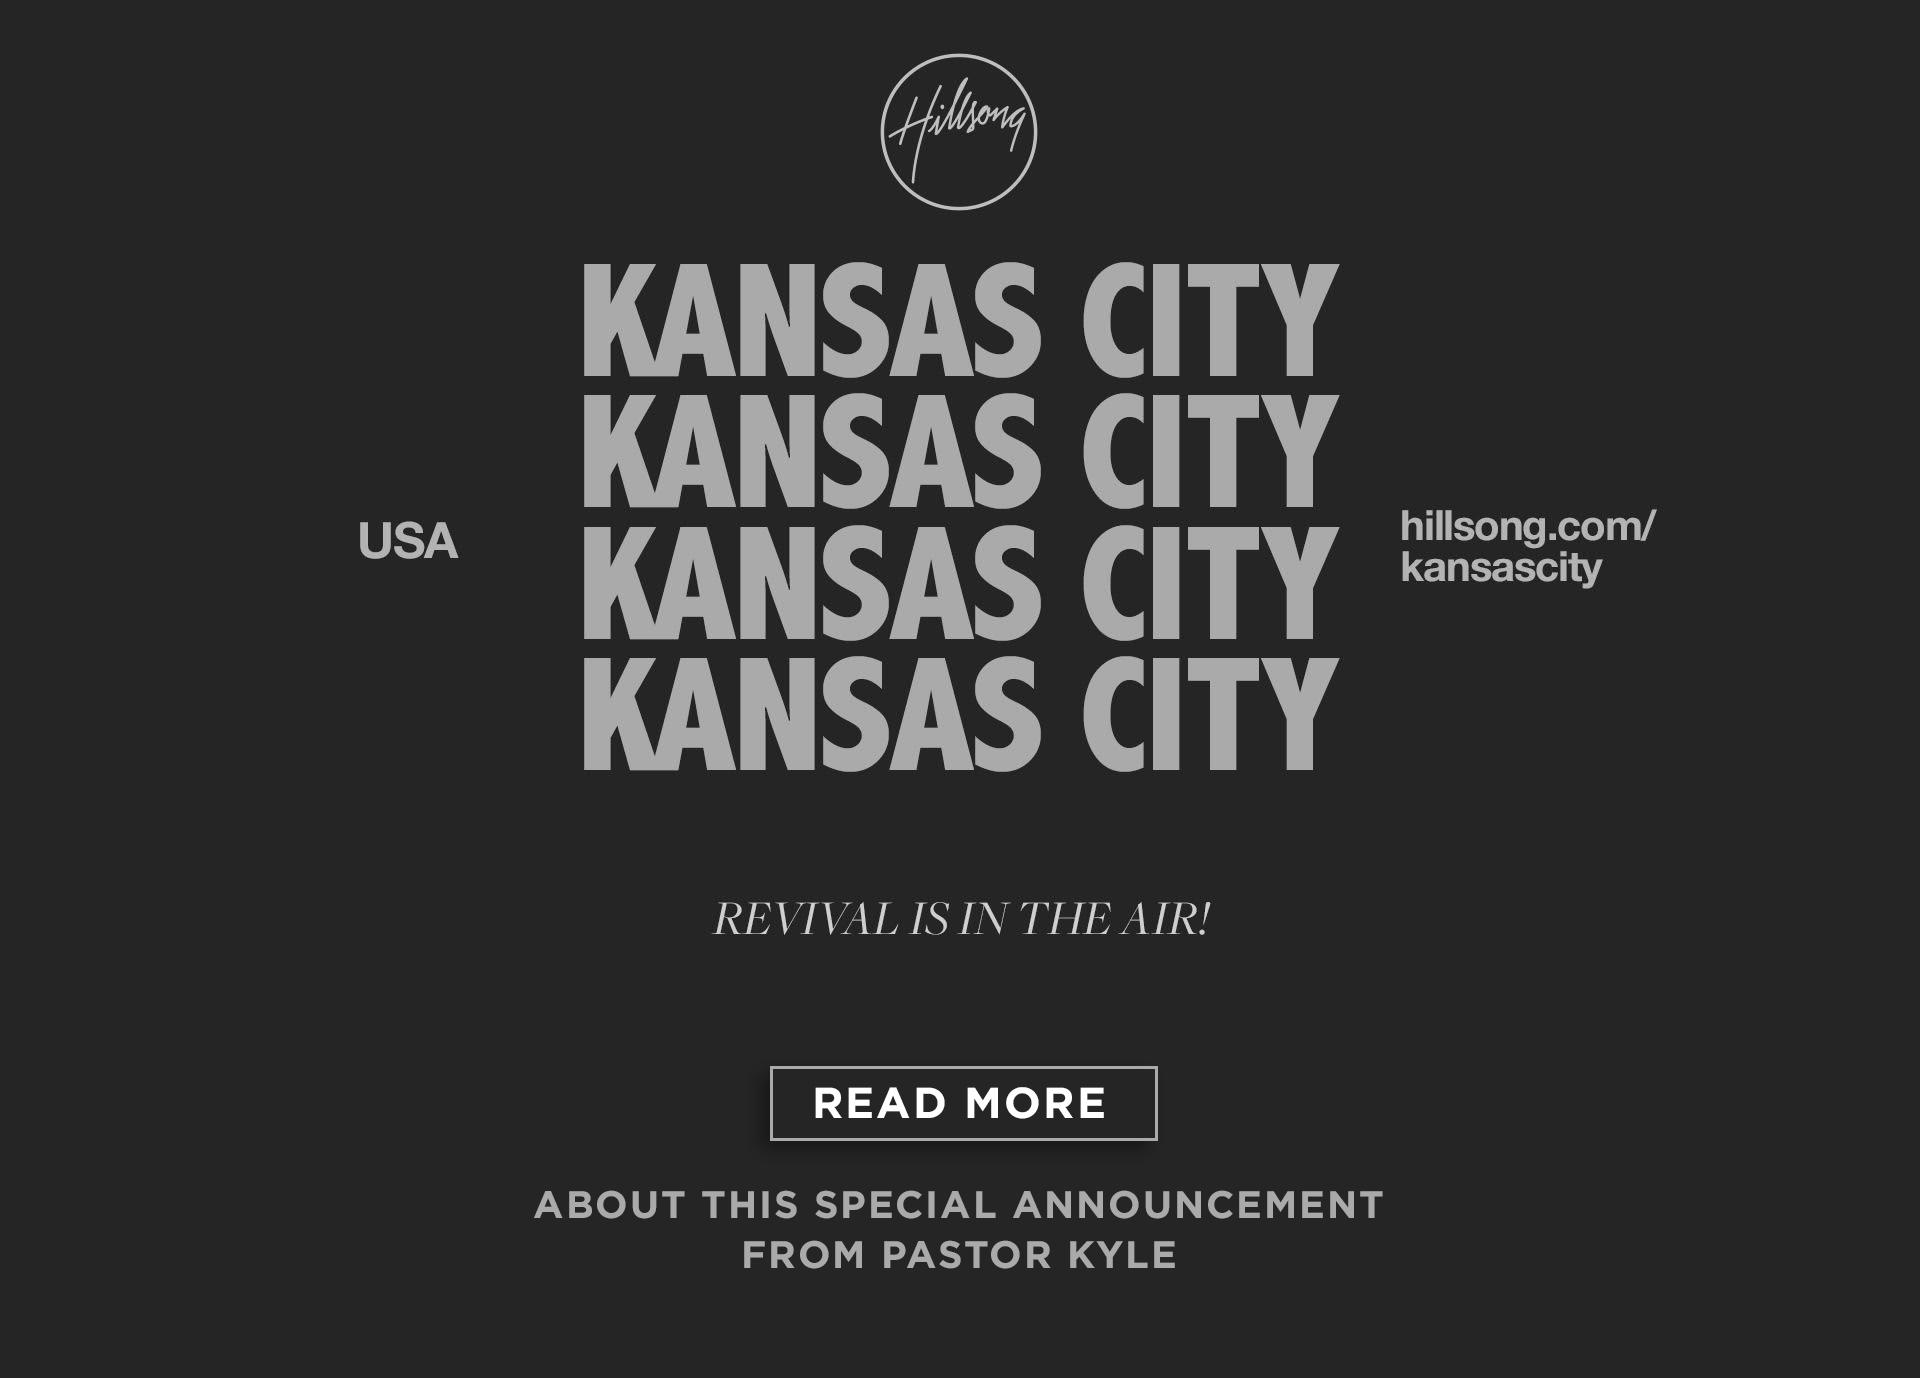 HSKC_Website_Announcment.jpg